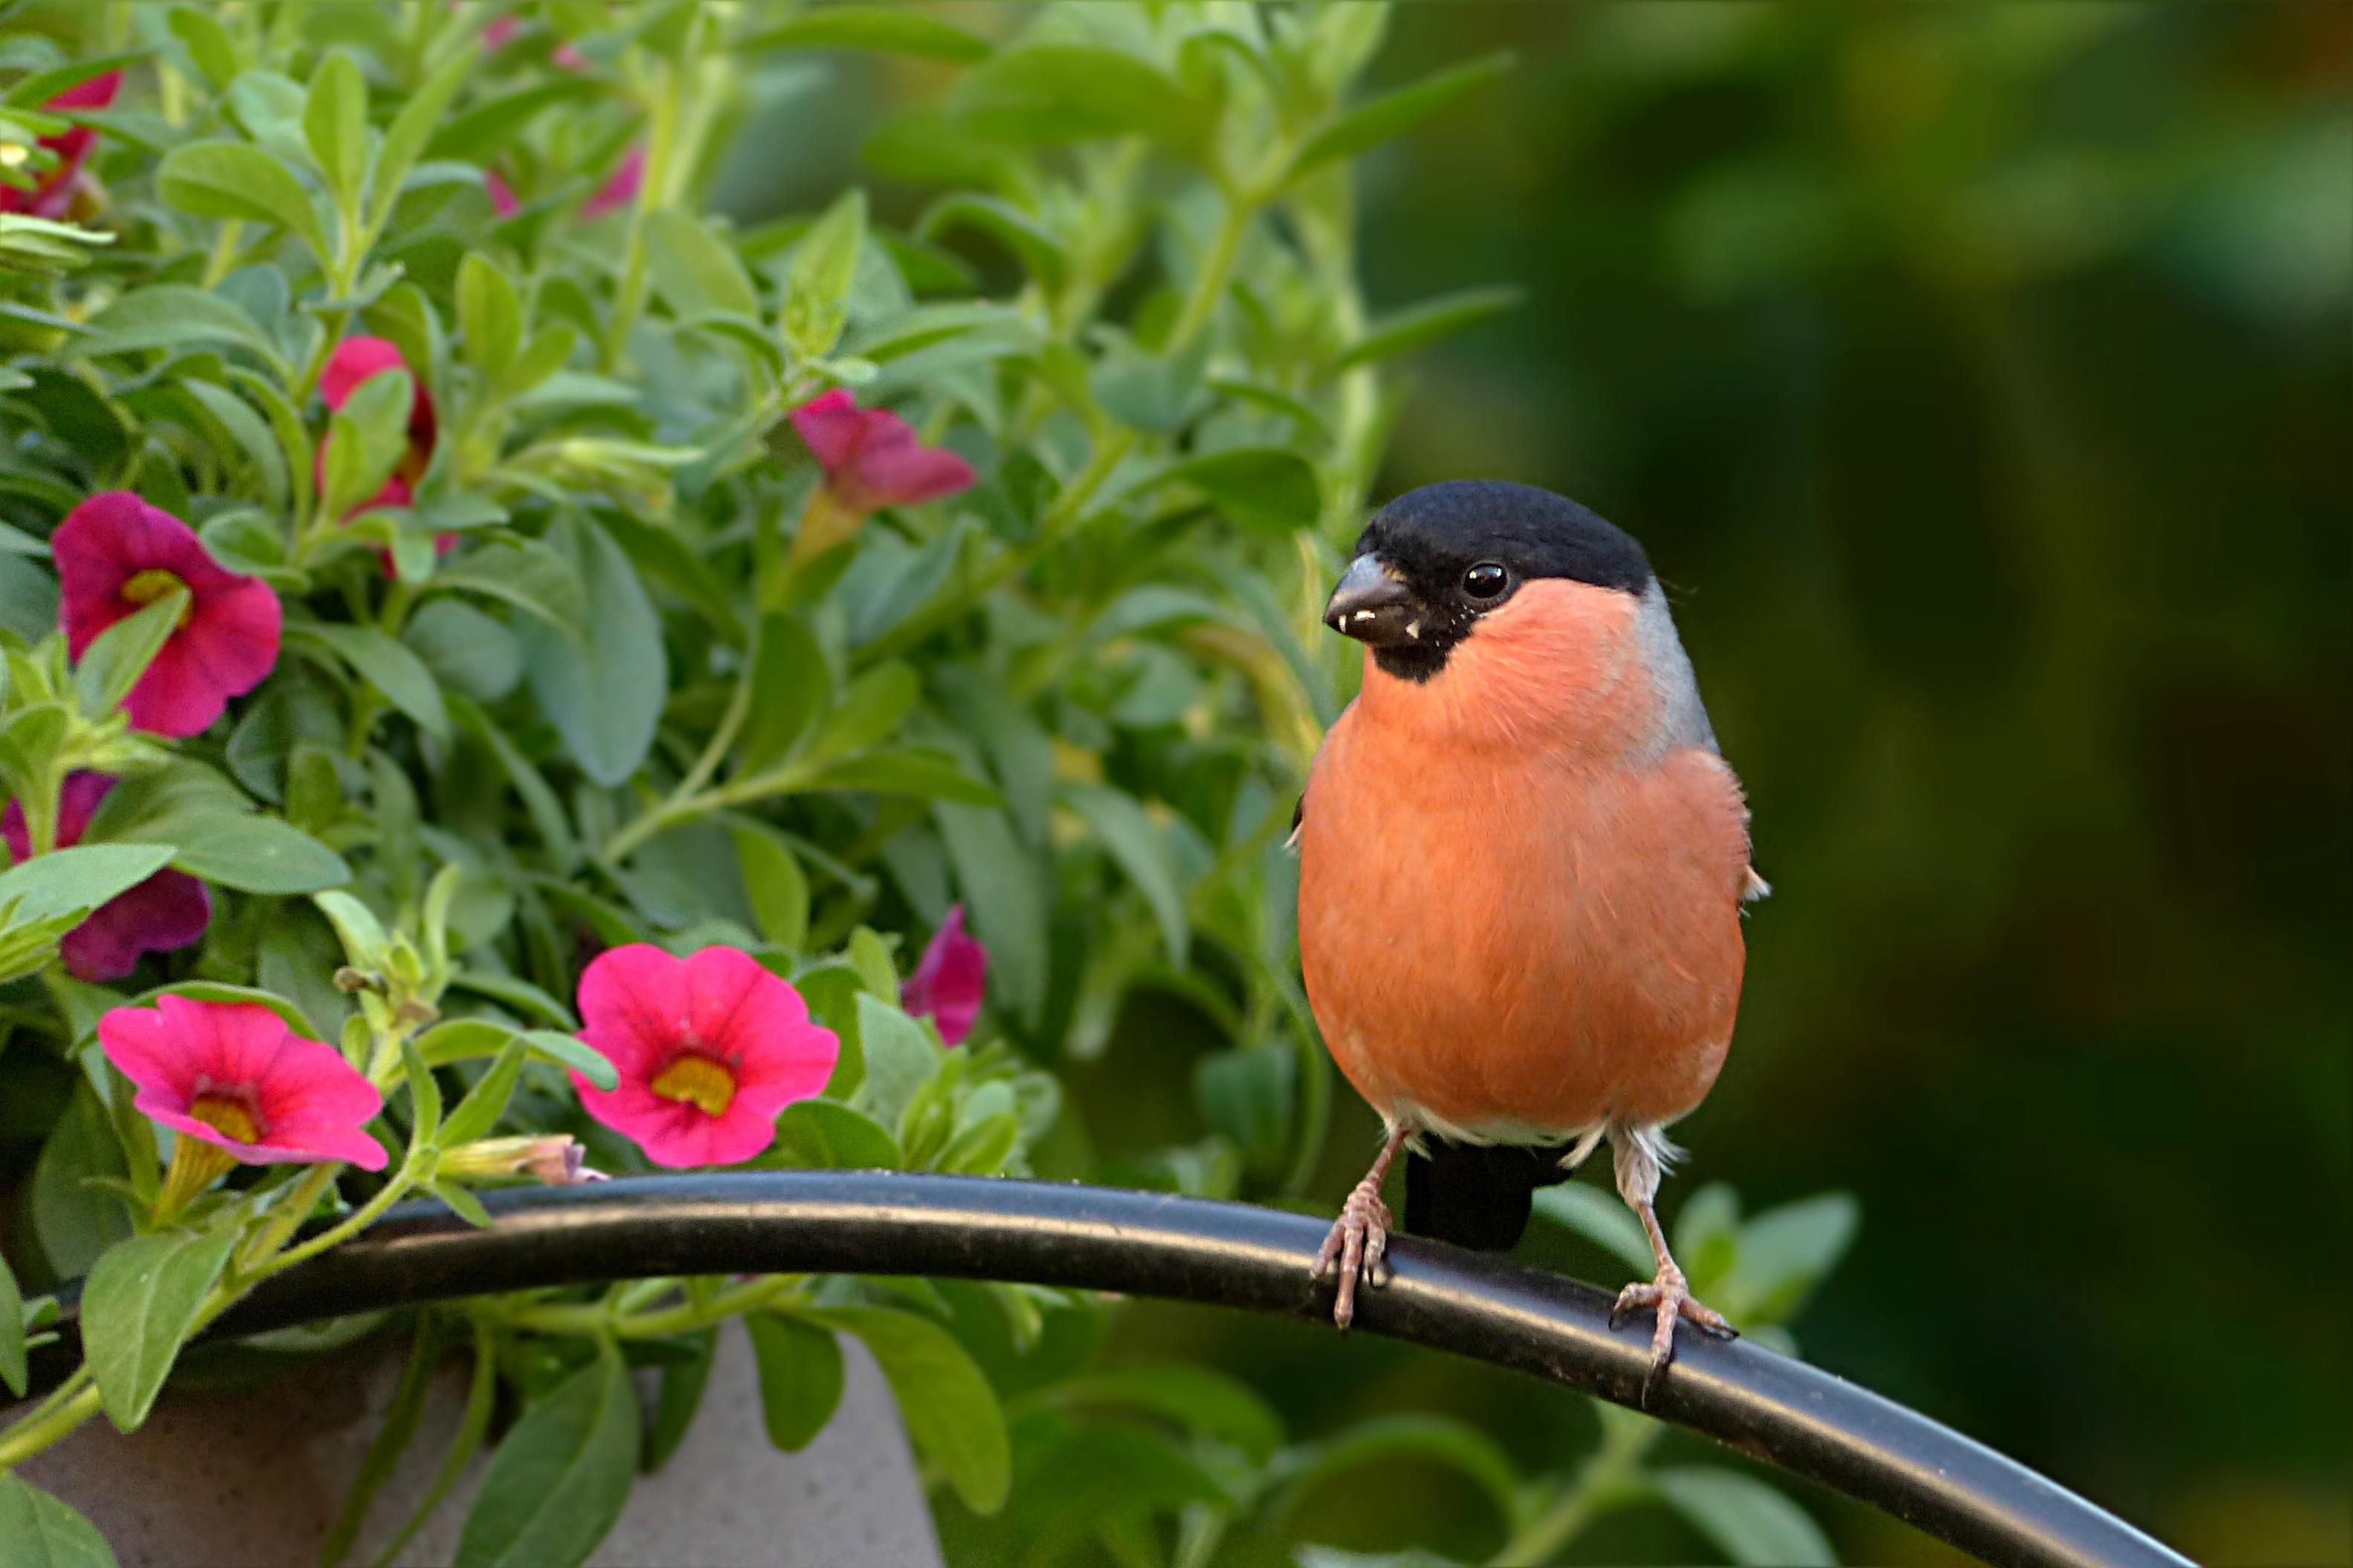 Images Gratuites : Oiseaux, Oiseau | Images Gratuites Et pour Images D Oiseaux Gratuites